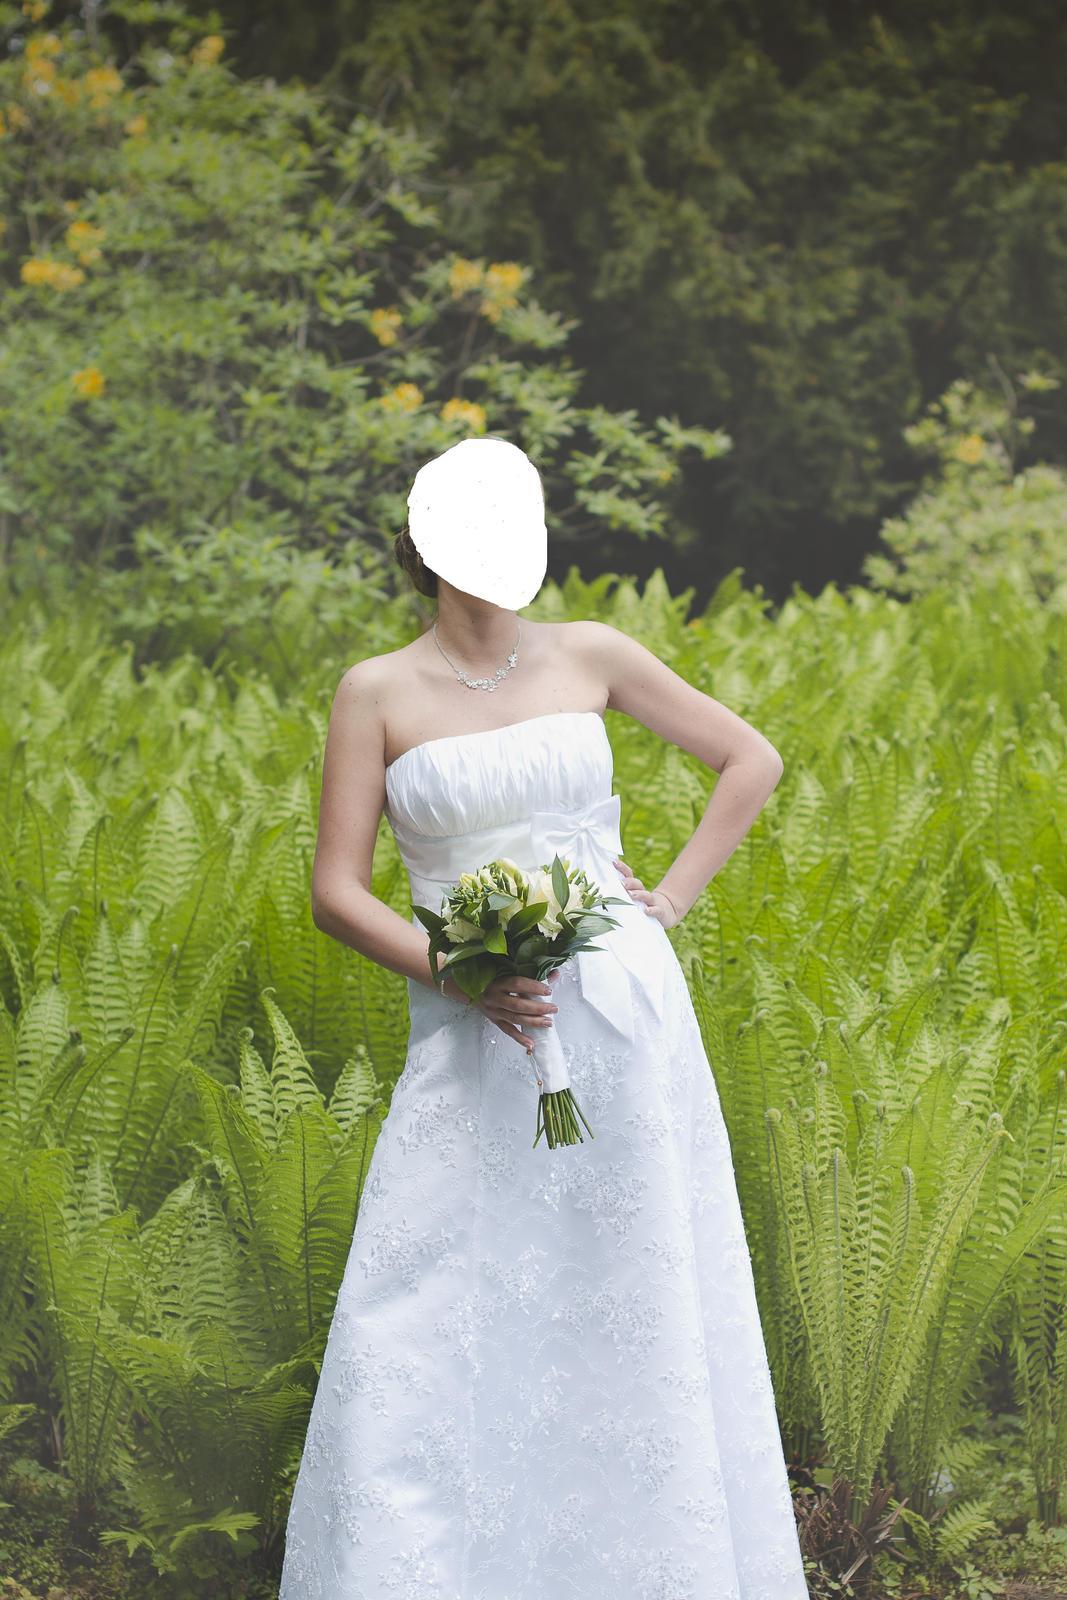 Svadobné šaty 38-40 - Obrázok č. 1